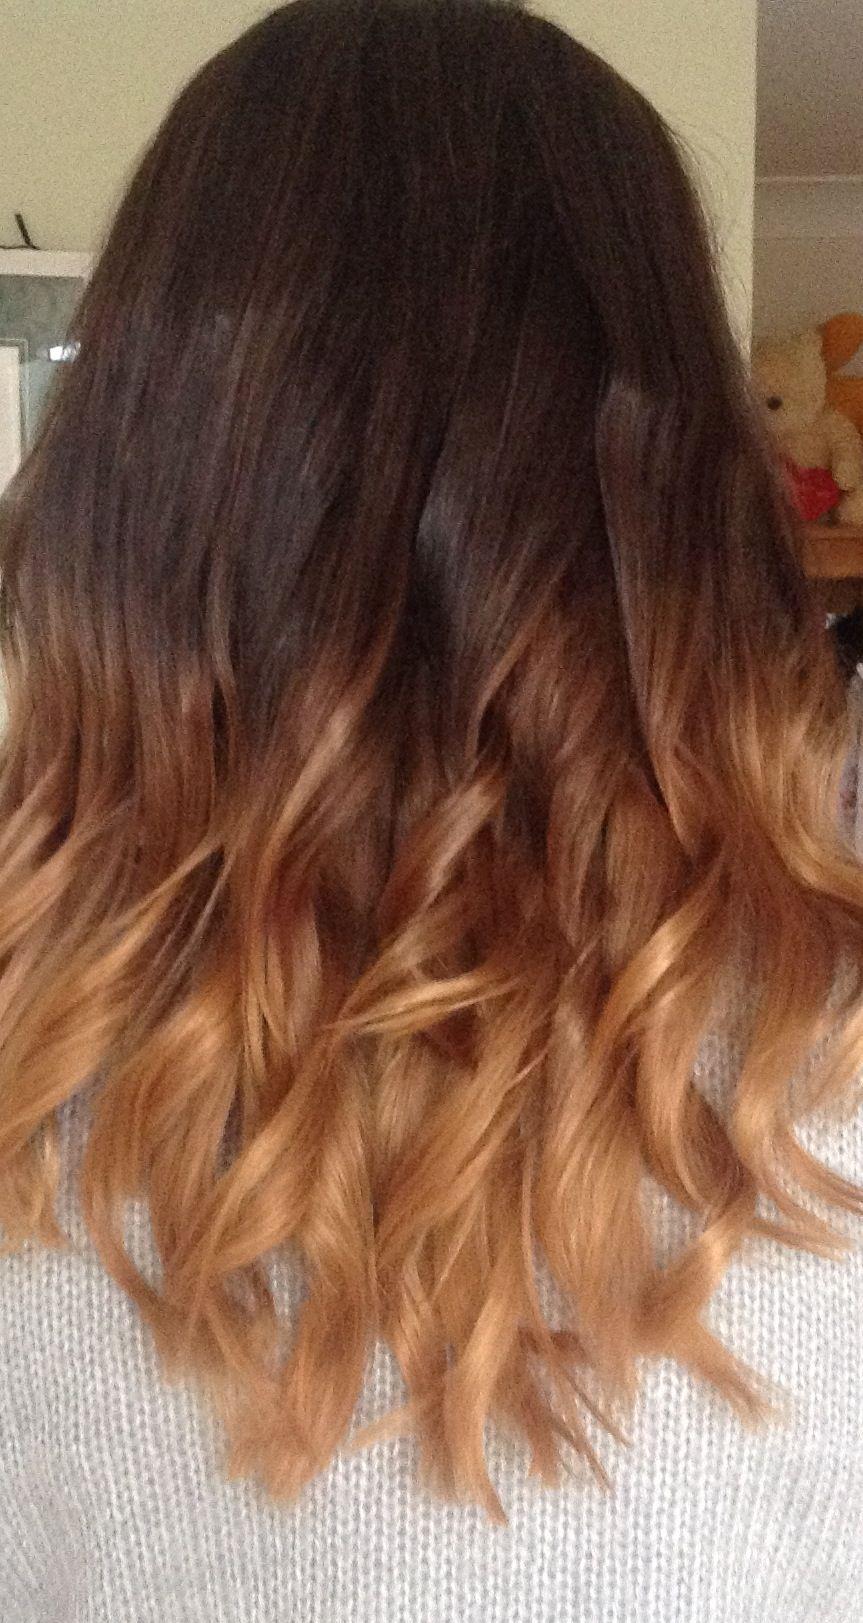 Brown Hair Dye Dip Blonde